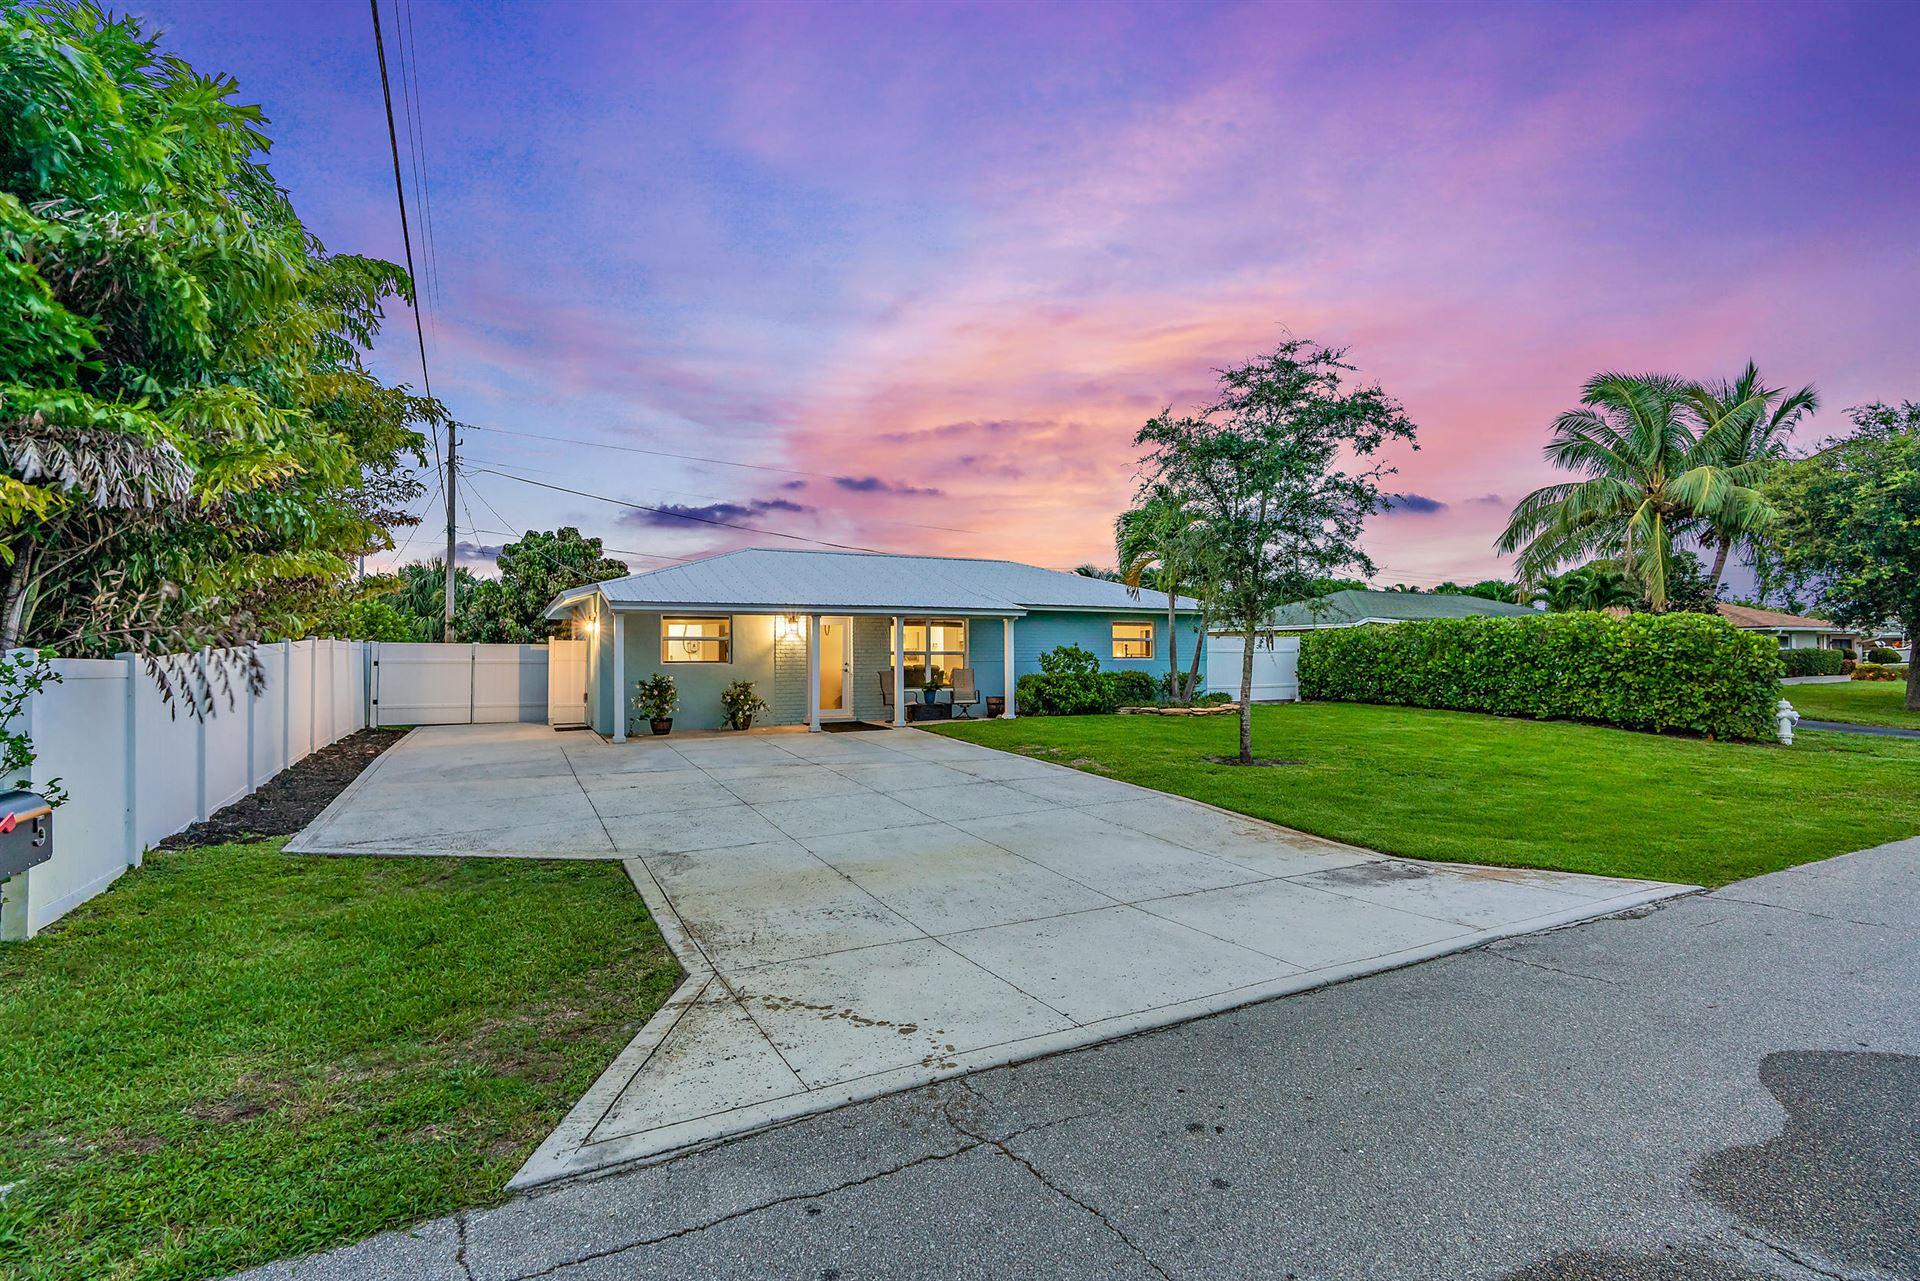 Photo of 5 Windsor Road E, Jupiter, FL 33469 (MLS # RX-10729333)